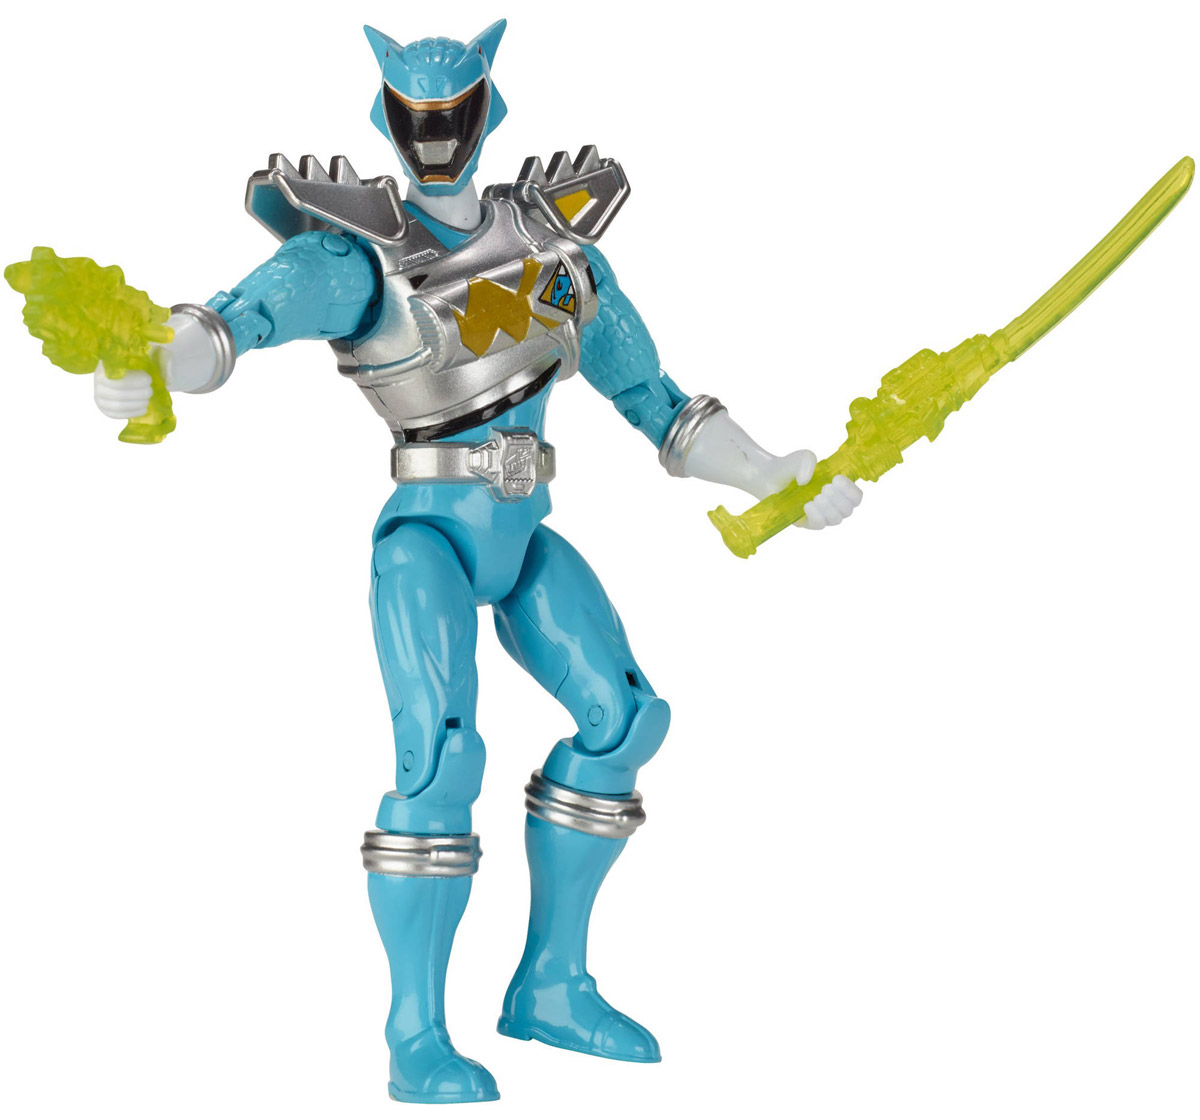 Power Rangers Фигурка Aqva Ranger